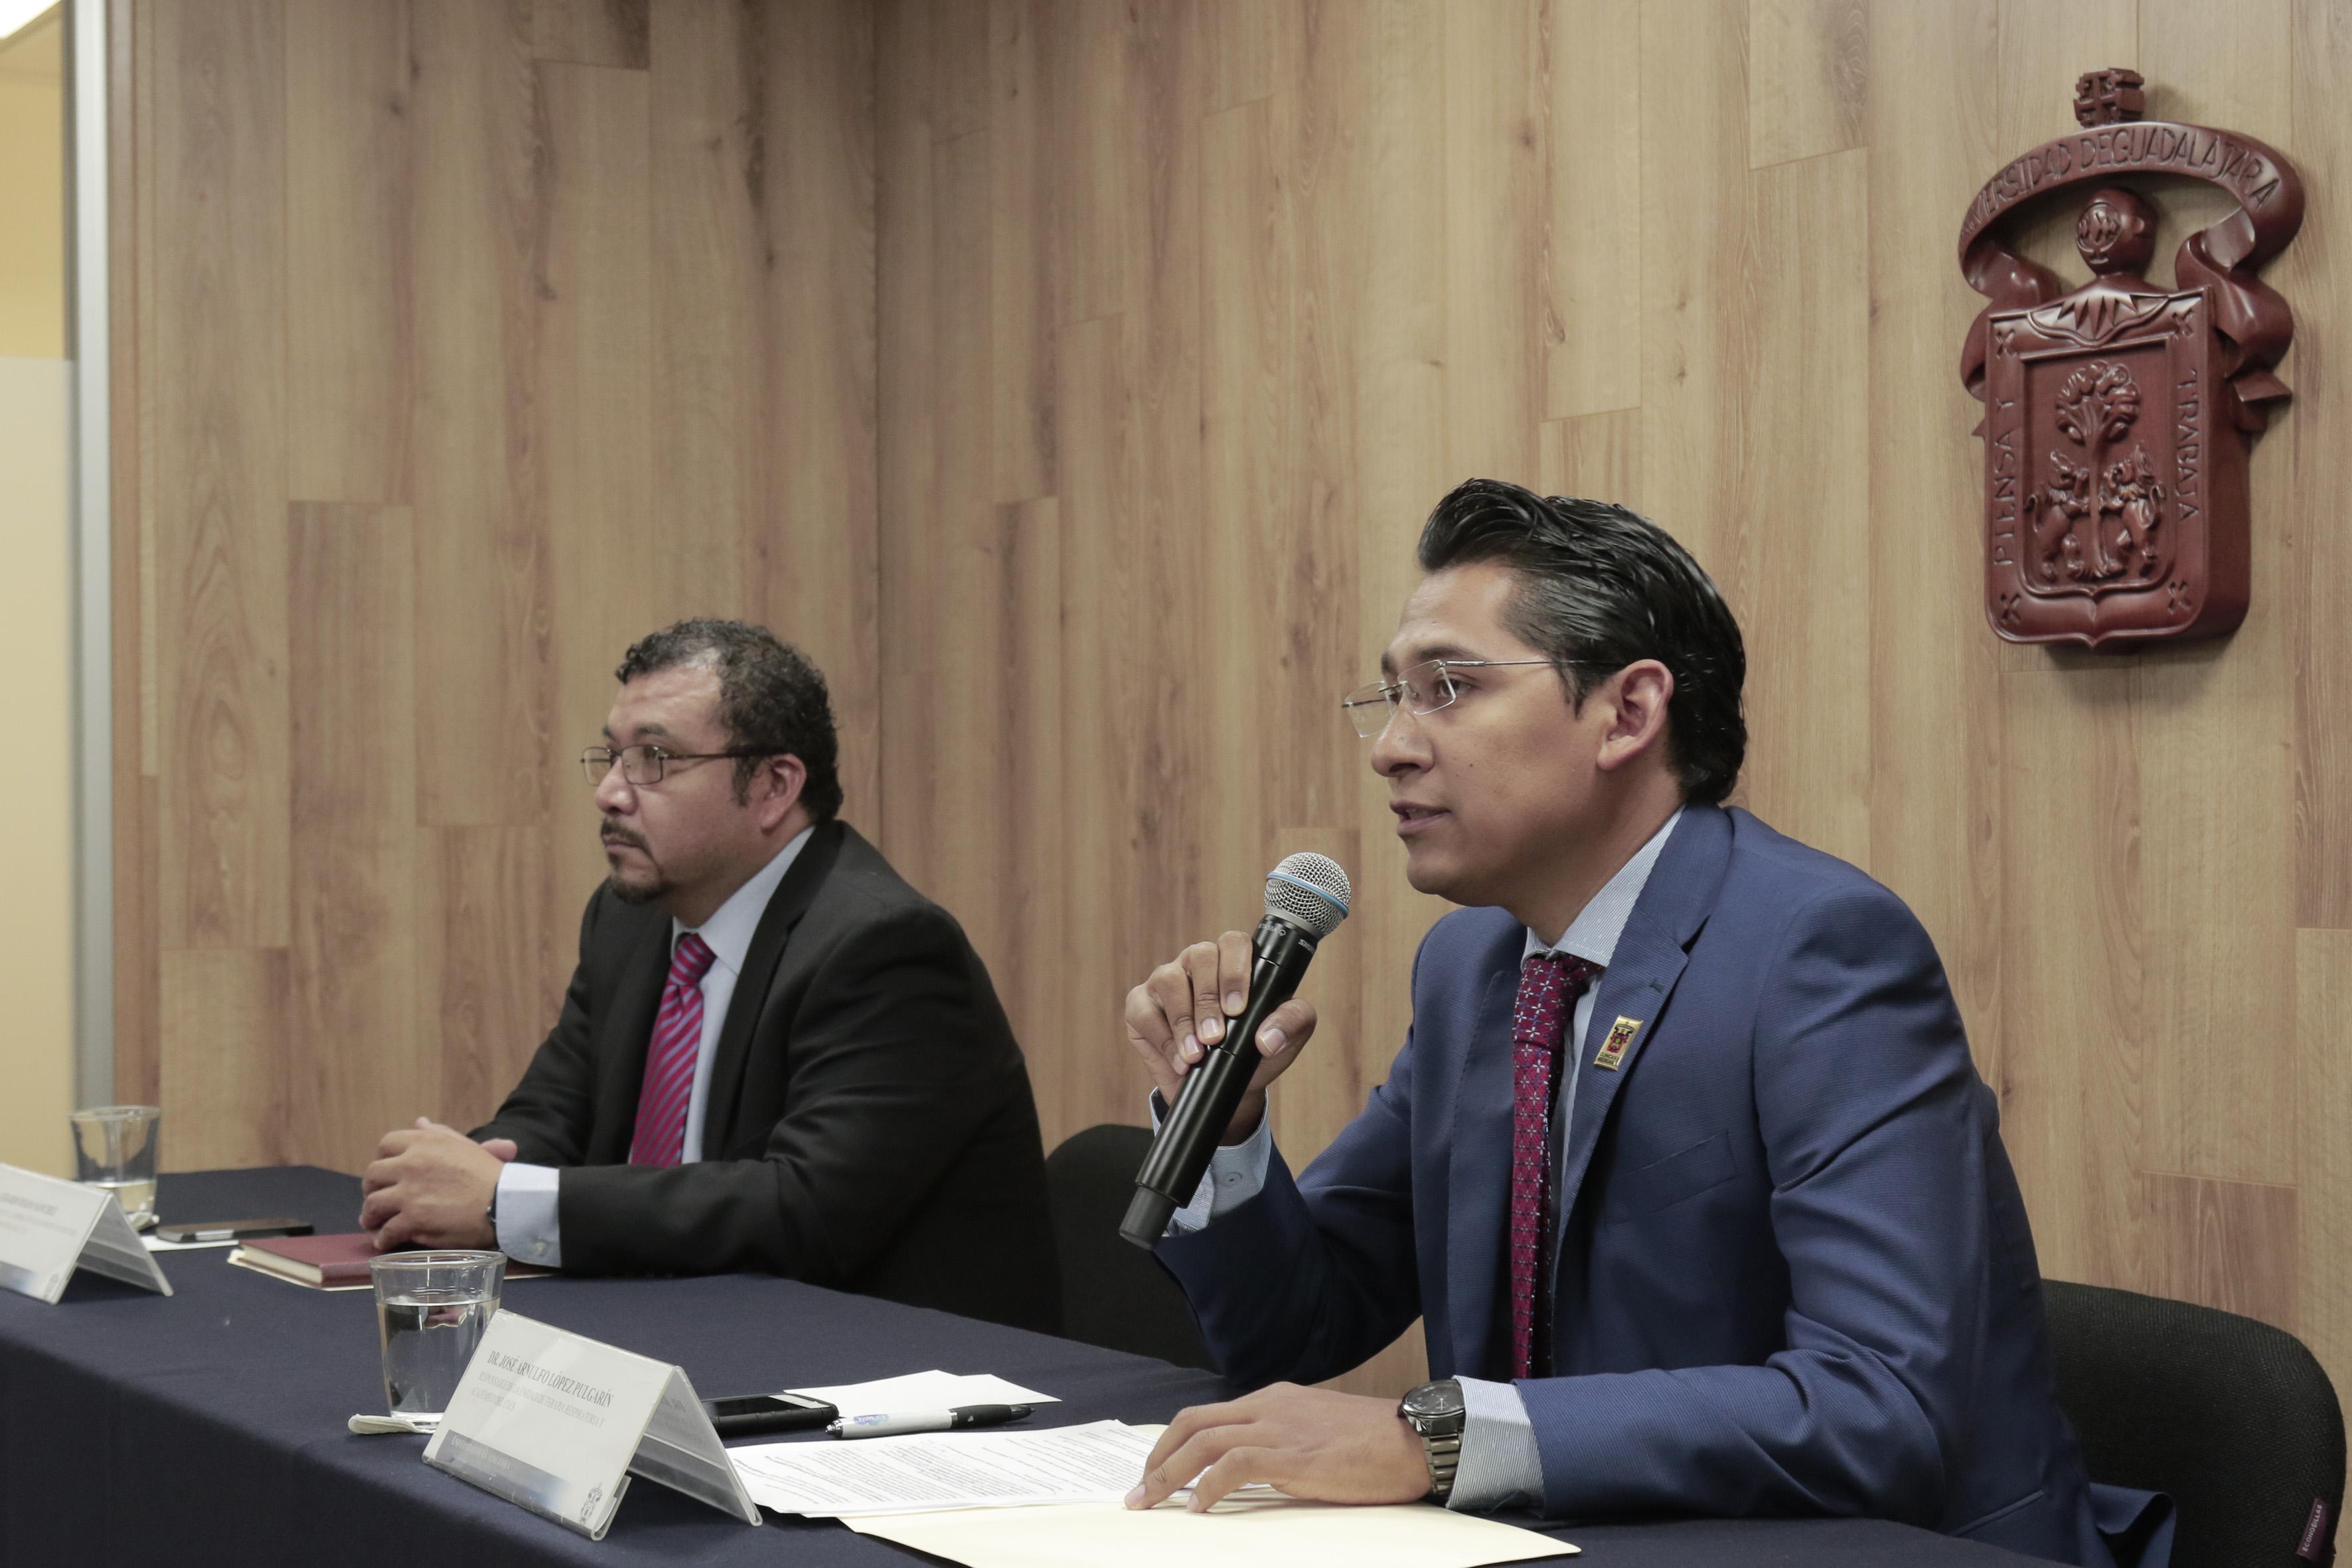 Dr. José Arnulfo López Pulgarín, responsable de la Unidad de Terapia Respiratoria del CUCS y académico del centro, haciendo uso de la palabra